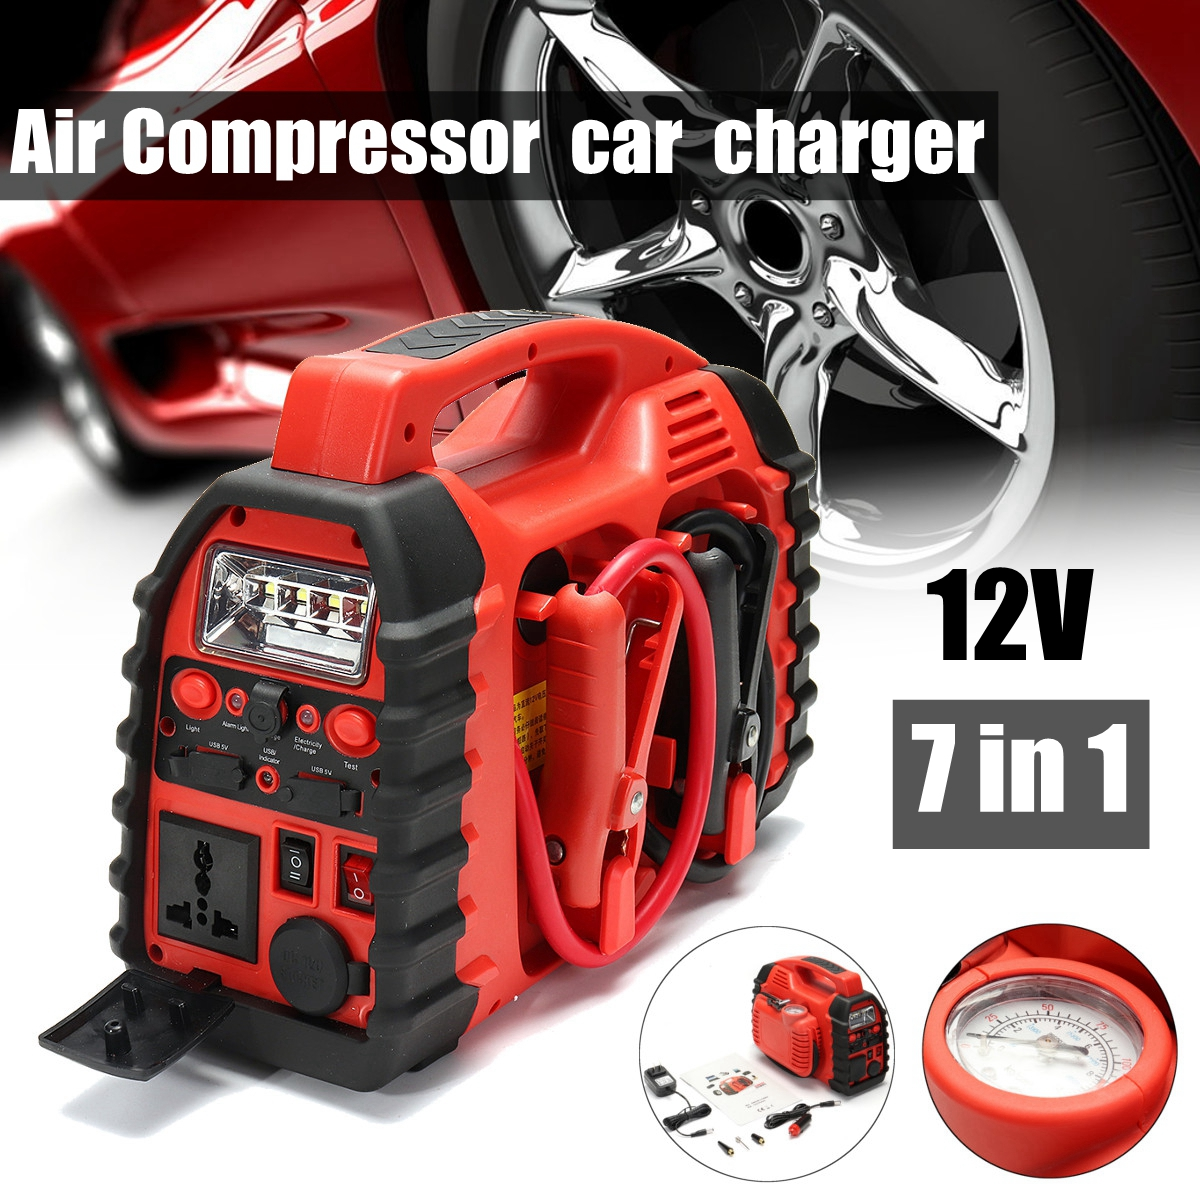 7 en 1/6 En 1 12 v Multifunation Compresseur D'air Compresseur D'air Chargeur De Voiture Démarreur de Saut De Batterie Portable boost